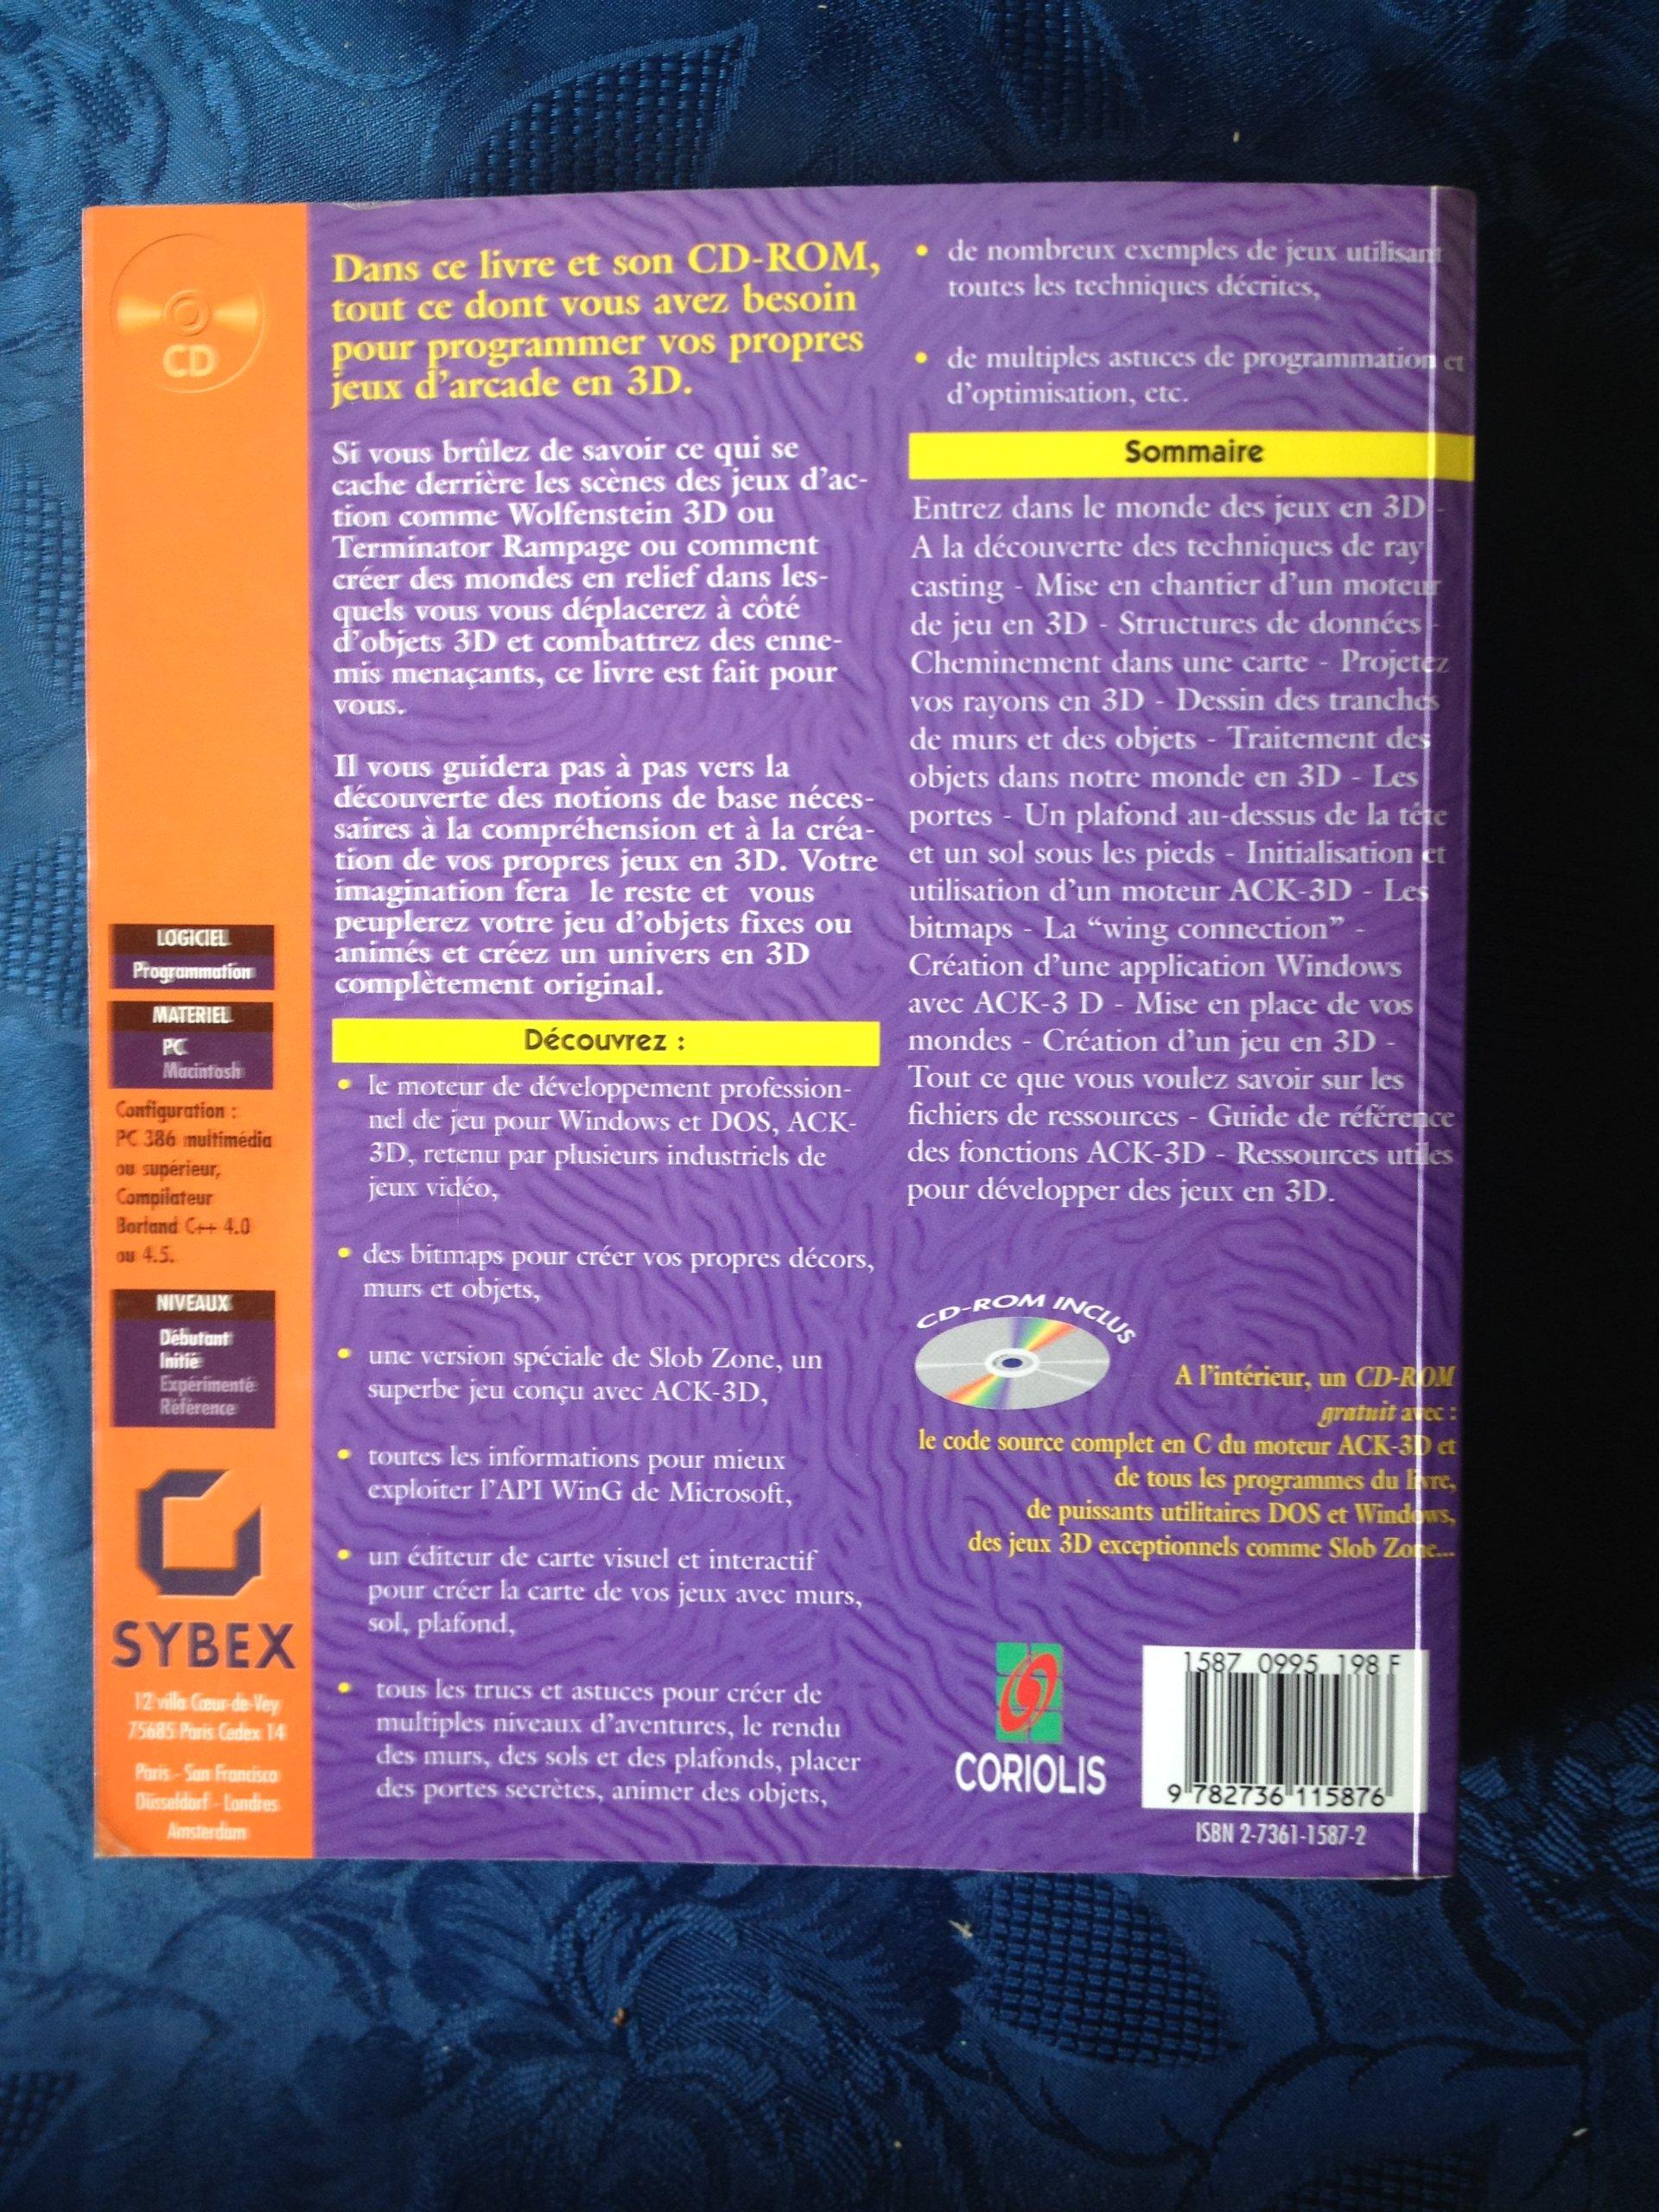 programmation des jeux 3d cd rom